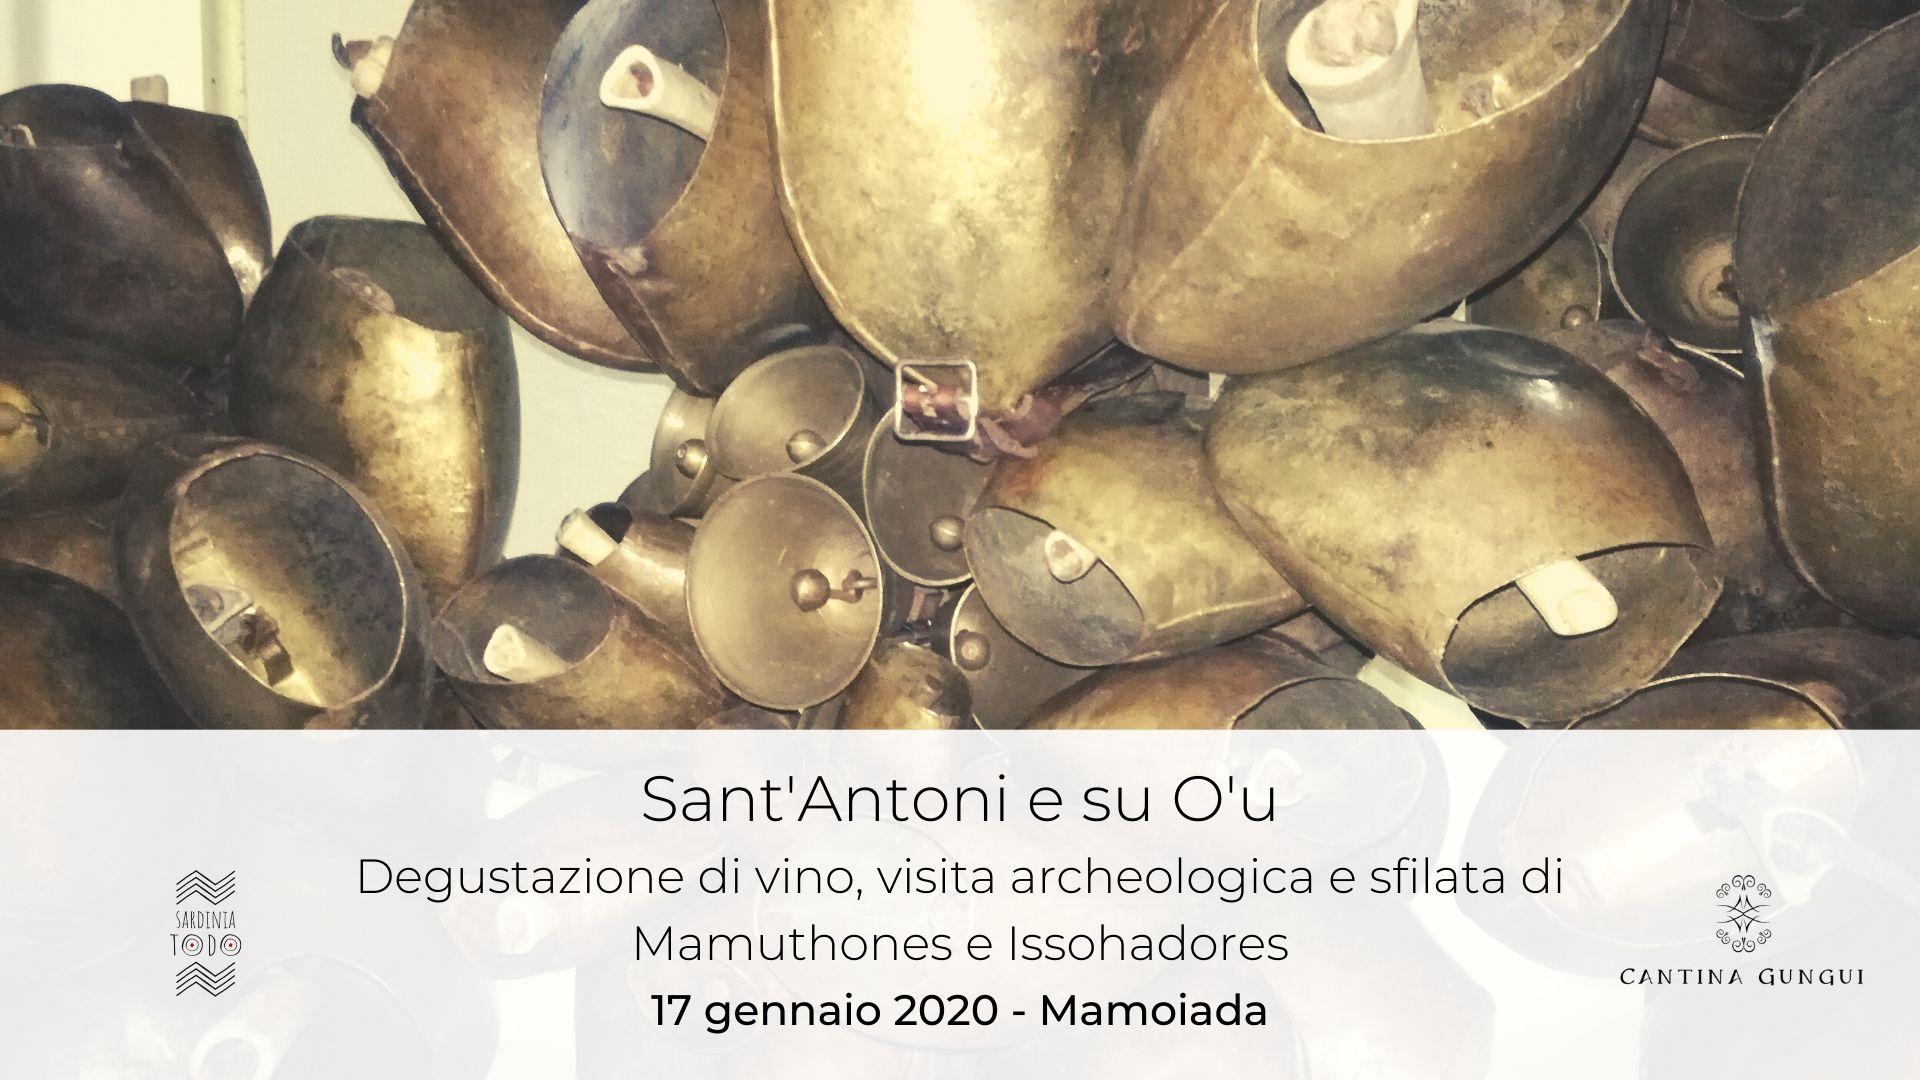 Sant'Antoni e su o'u – I fuochi di Sant'Antonio a Mamoiada